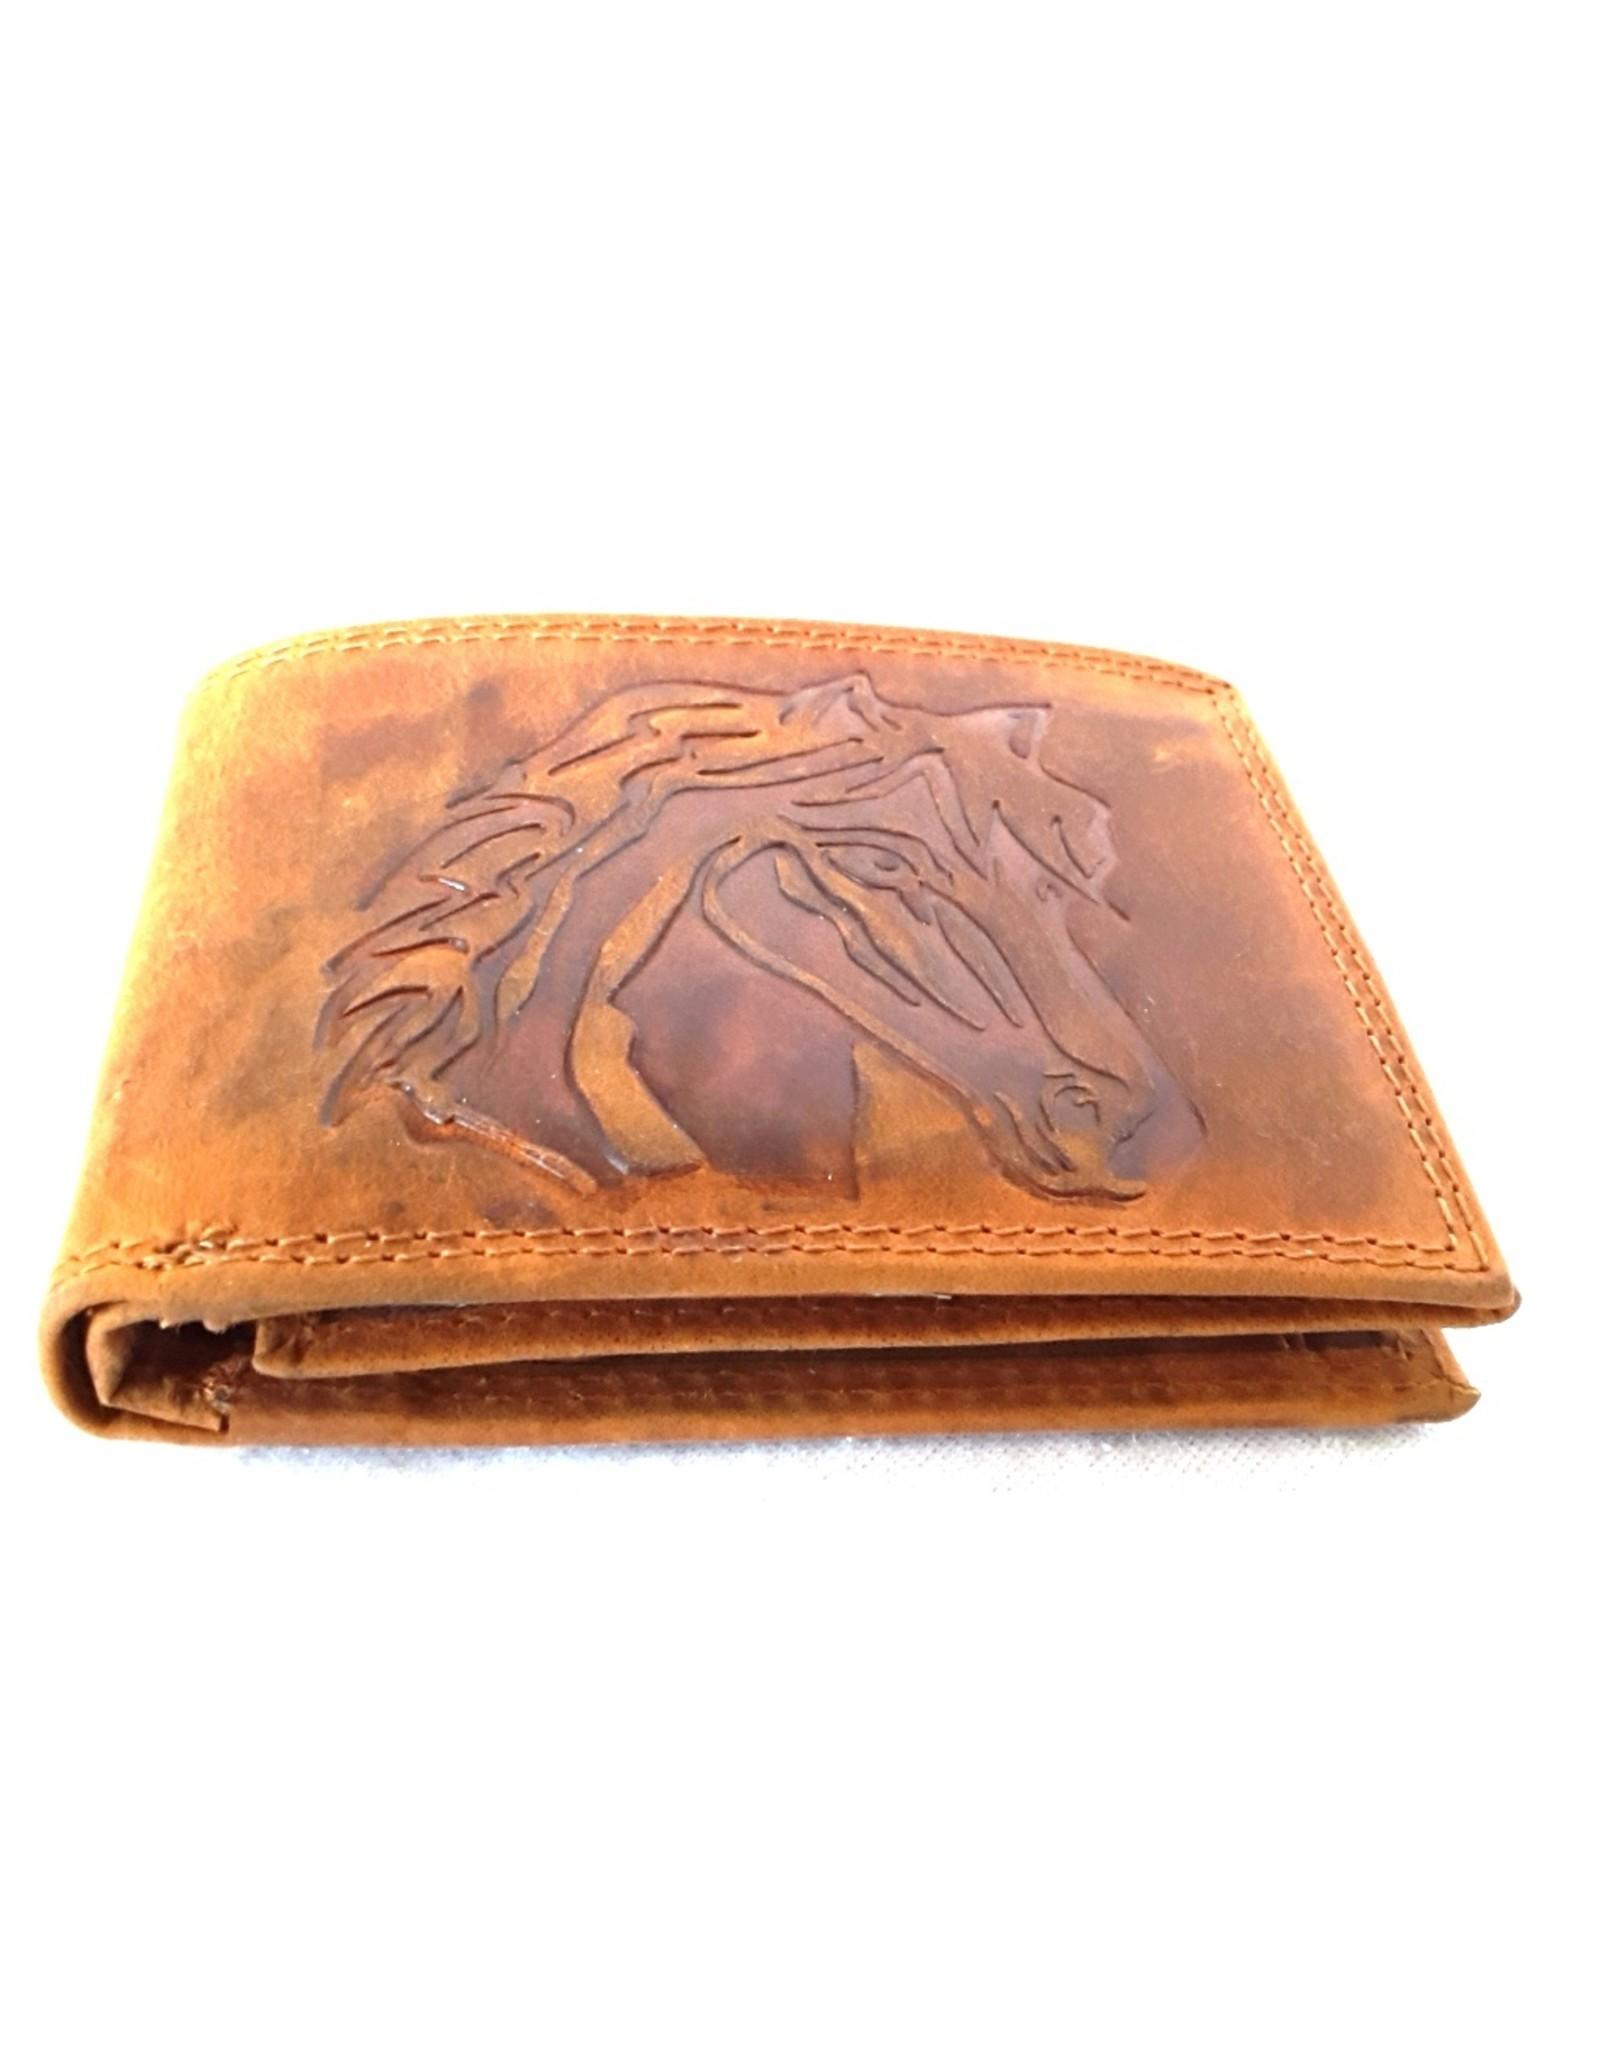 Leren Portemonnees - Leren portemonnee met reliëf paardenhoofd (klein)